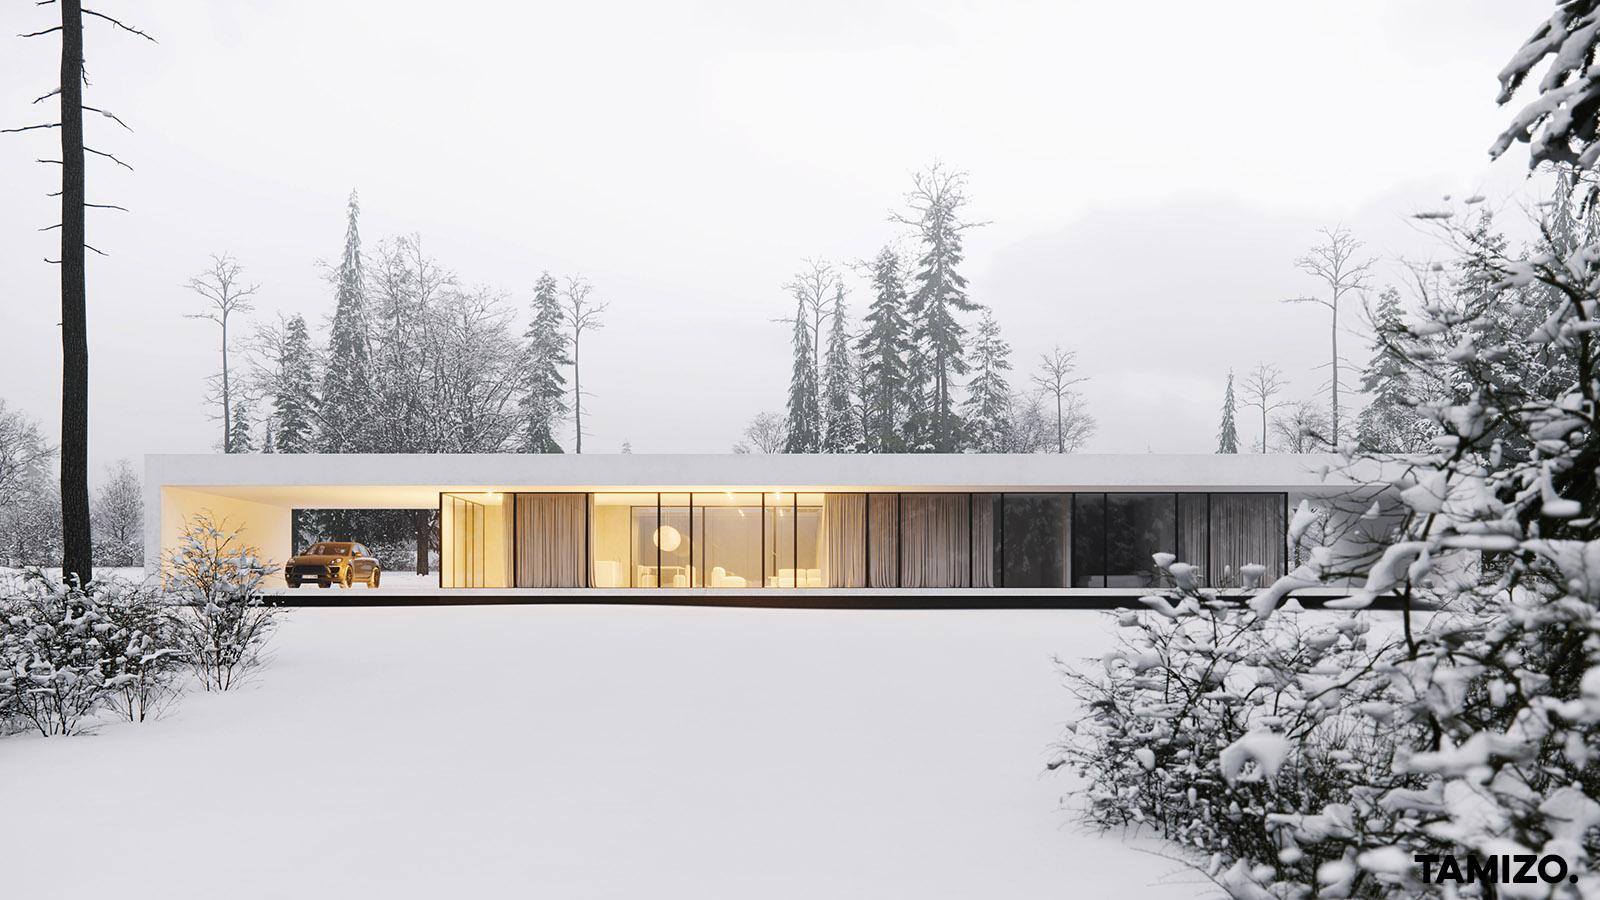 A097_tamizo_dom_jednorodzinny_architekci_lodz_rezydencja_house_projekt_domu_minimalistyczny_02